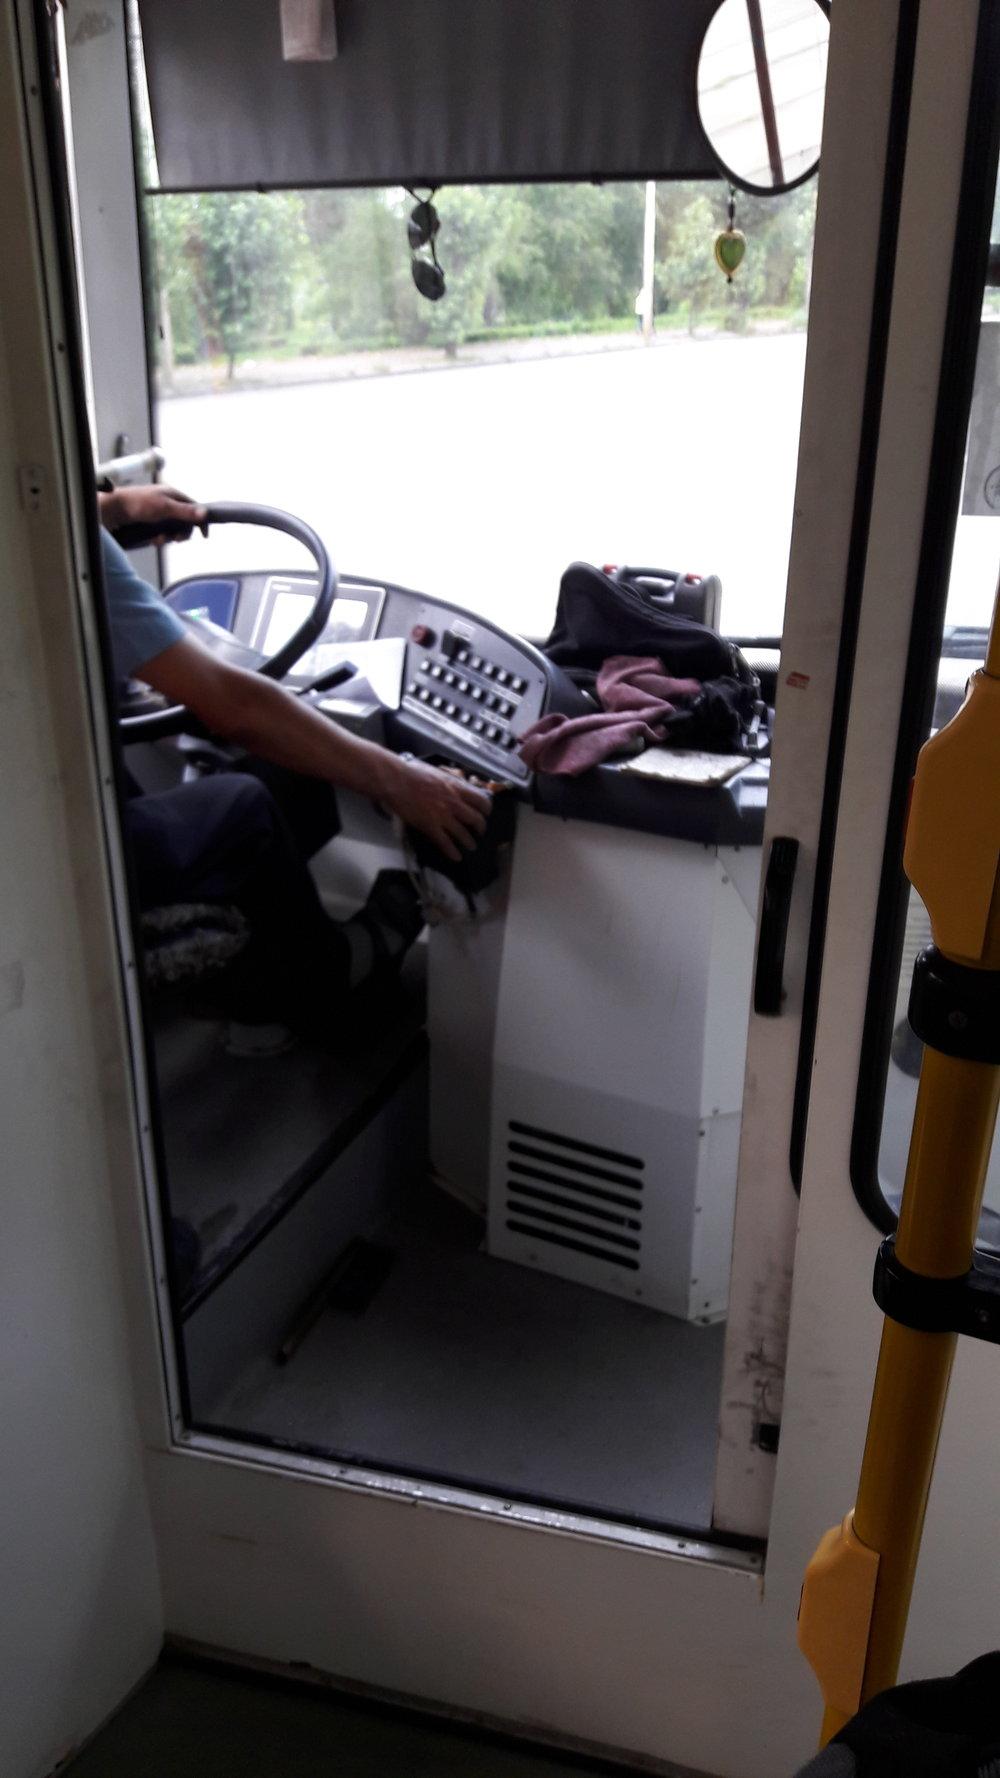 Kabina řidiče v trolejbuse Trolza.